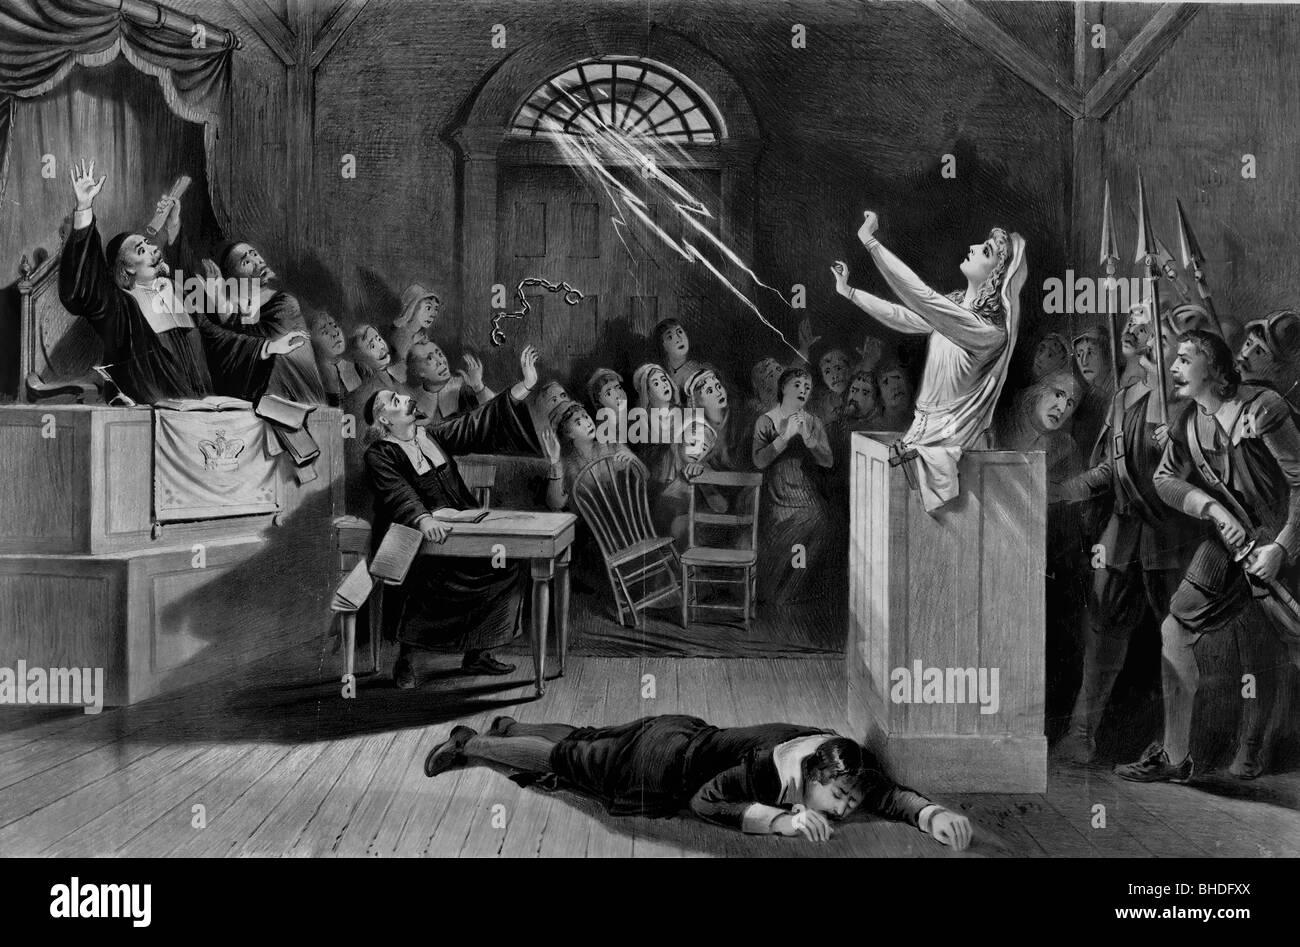 Eine dramatische Szene aus einer Hexe-Studie mit einem beschwören Frauenpower und ein Mann ohnmächtig Stockbild